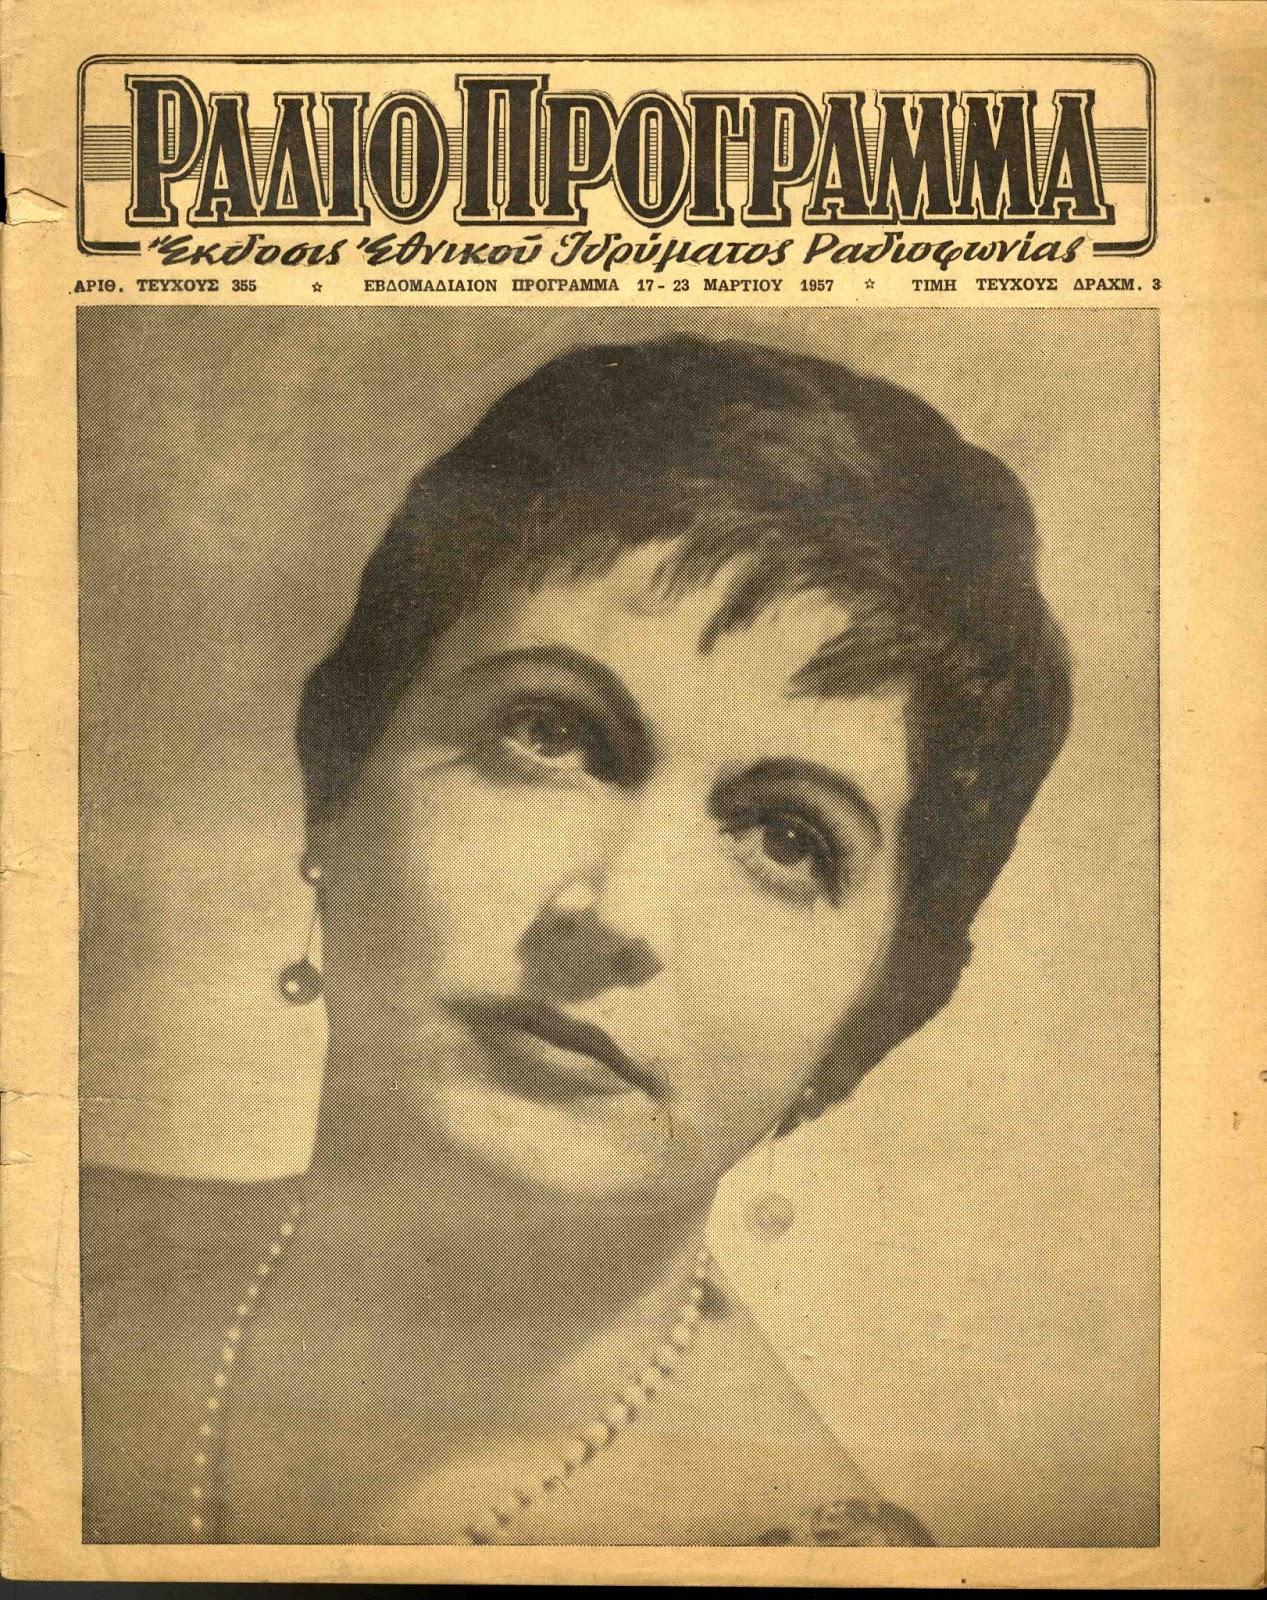 radioprogramma cover